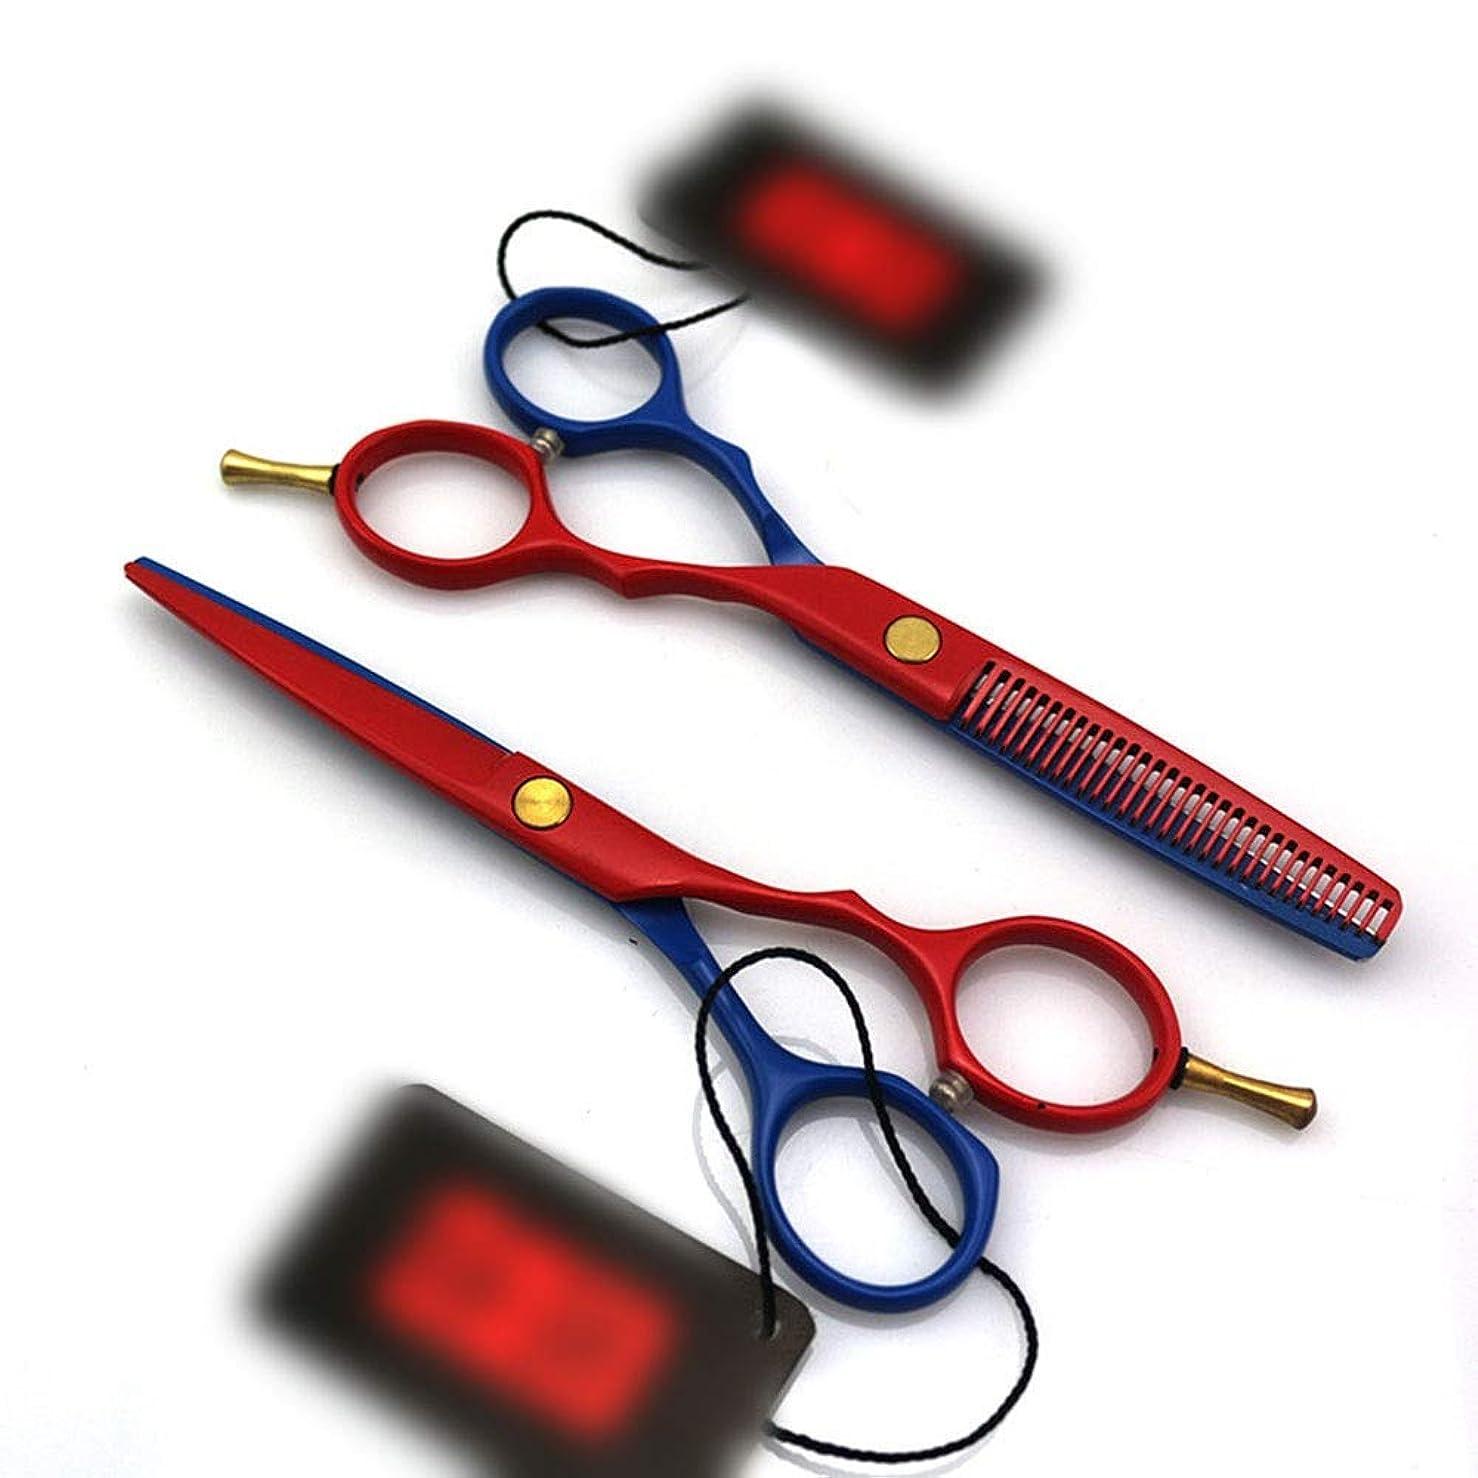 作り保育園空中5.5インチのペイントクラフトのプロの理髪はさみ モデリングツール (色 : Red blue)